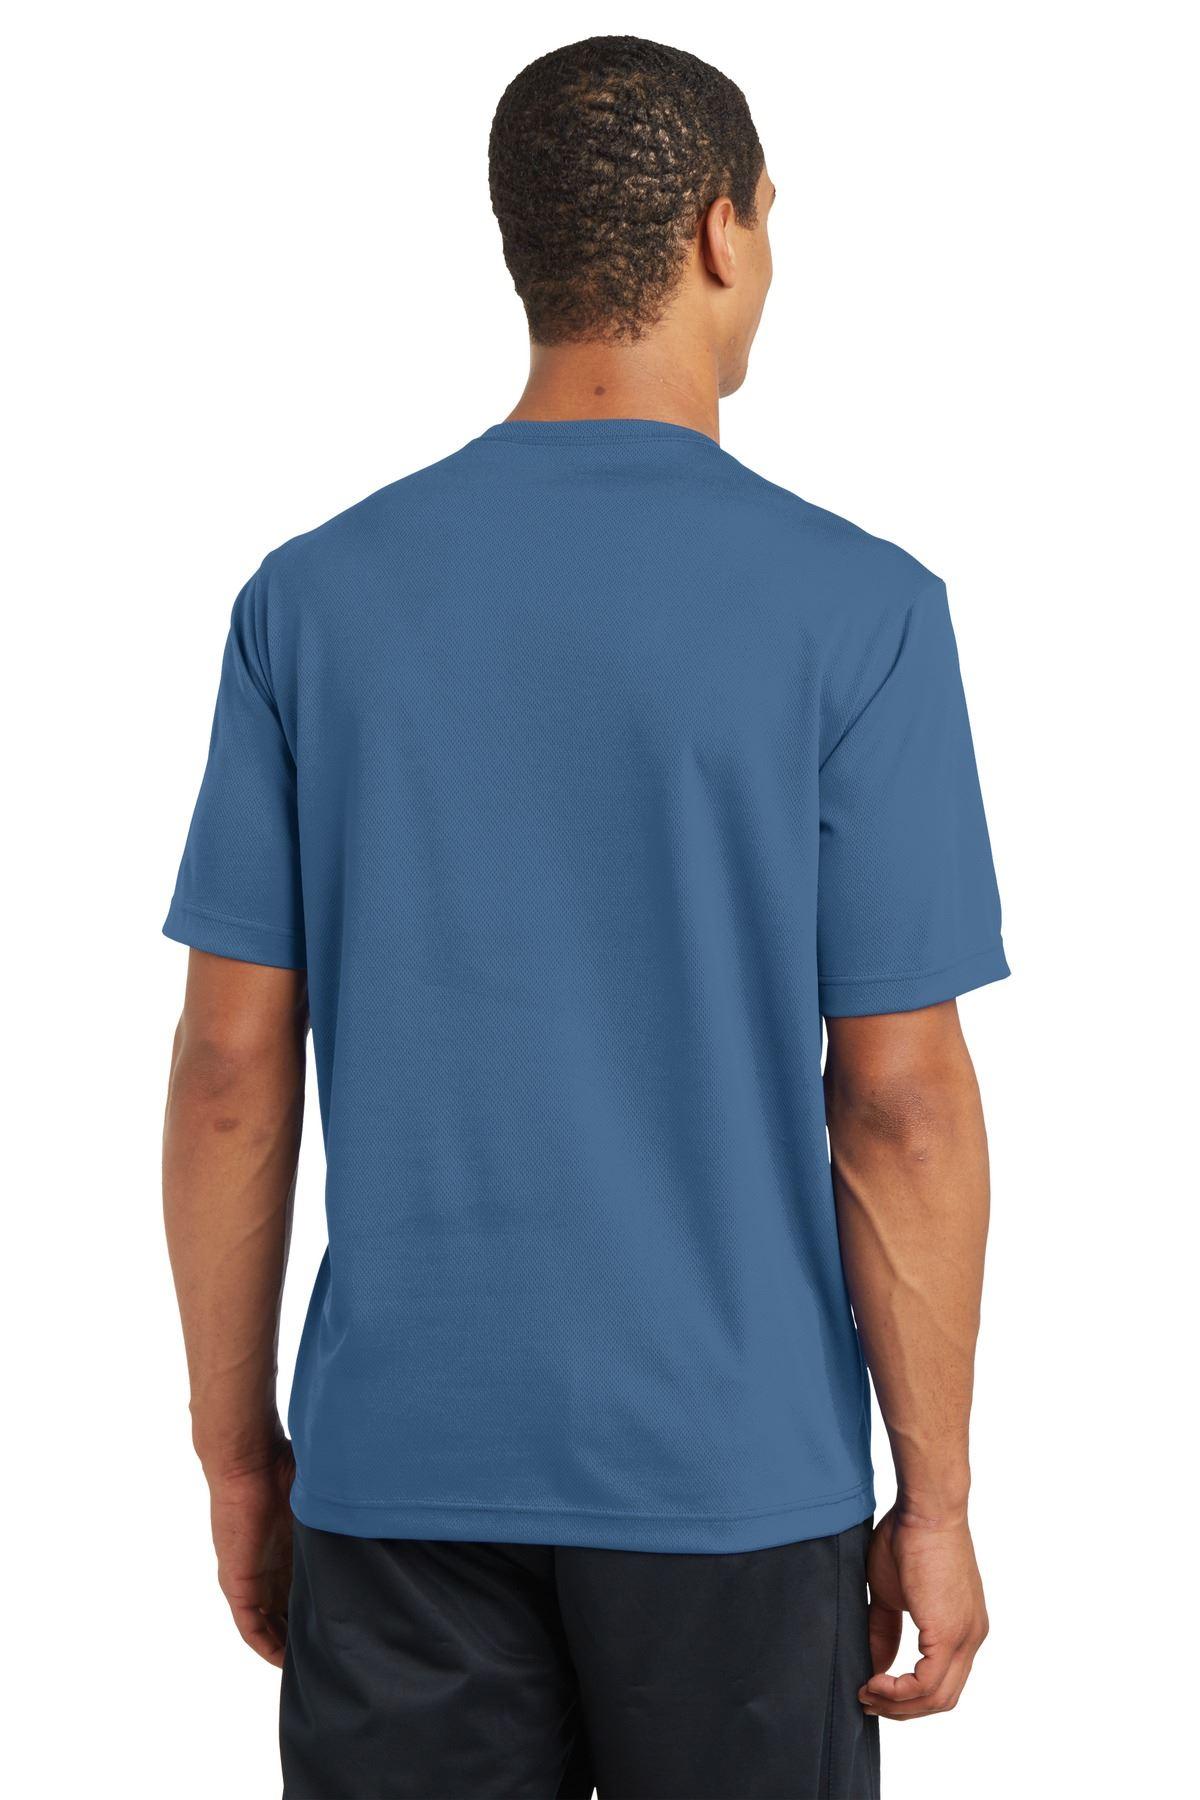 thumbnail 11 - Sport-Tek Men's Dry-Fit RacerMesh Moisture Wicking T-Shirt M-ST340